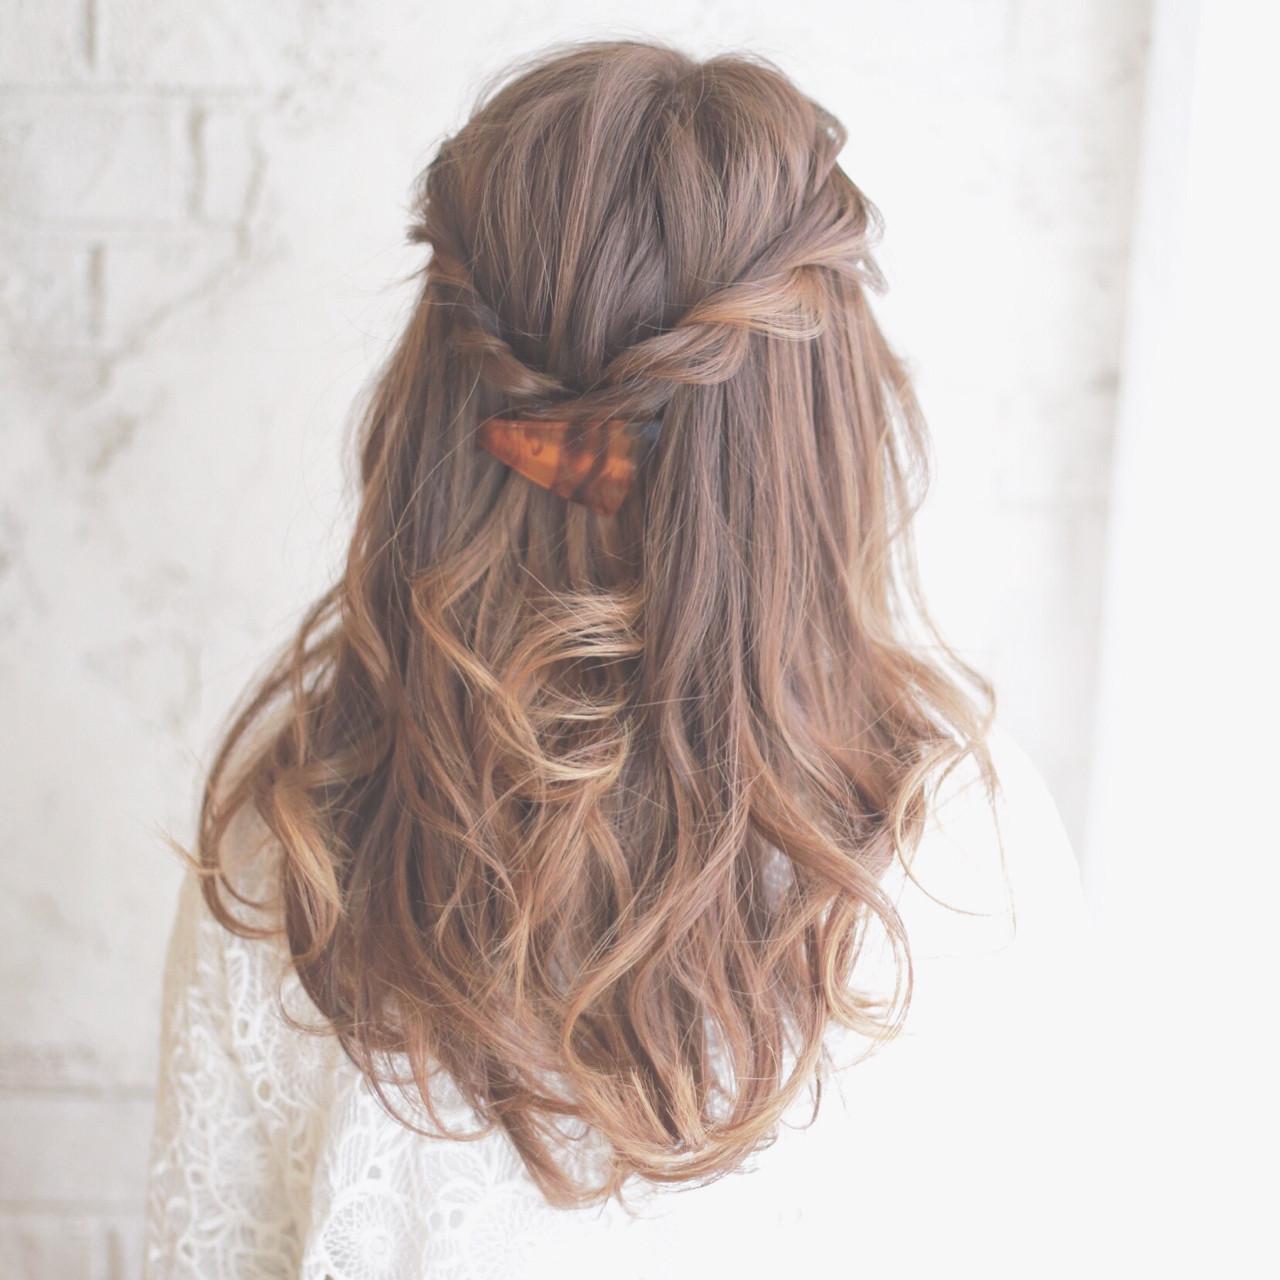 ロング グラデーションカラー ハーフアップ ヘアアレンジ ヘアスタイルや髪型の写真・画像